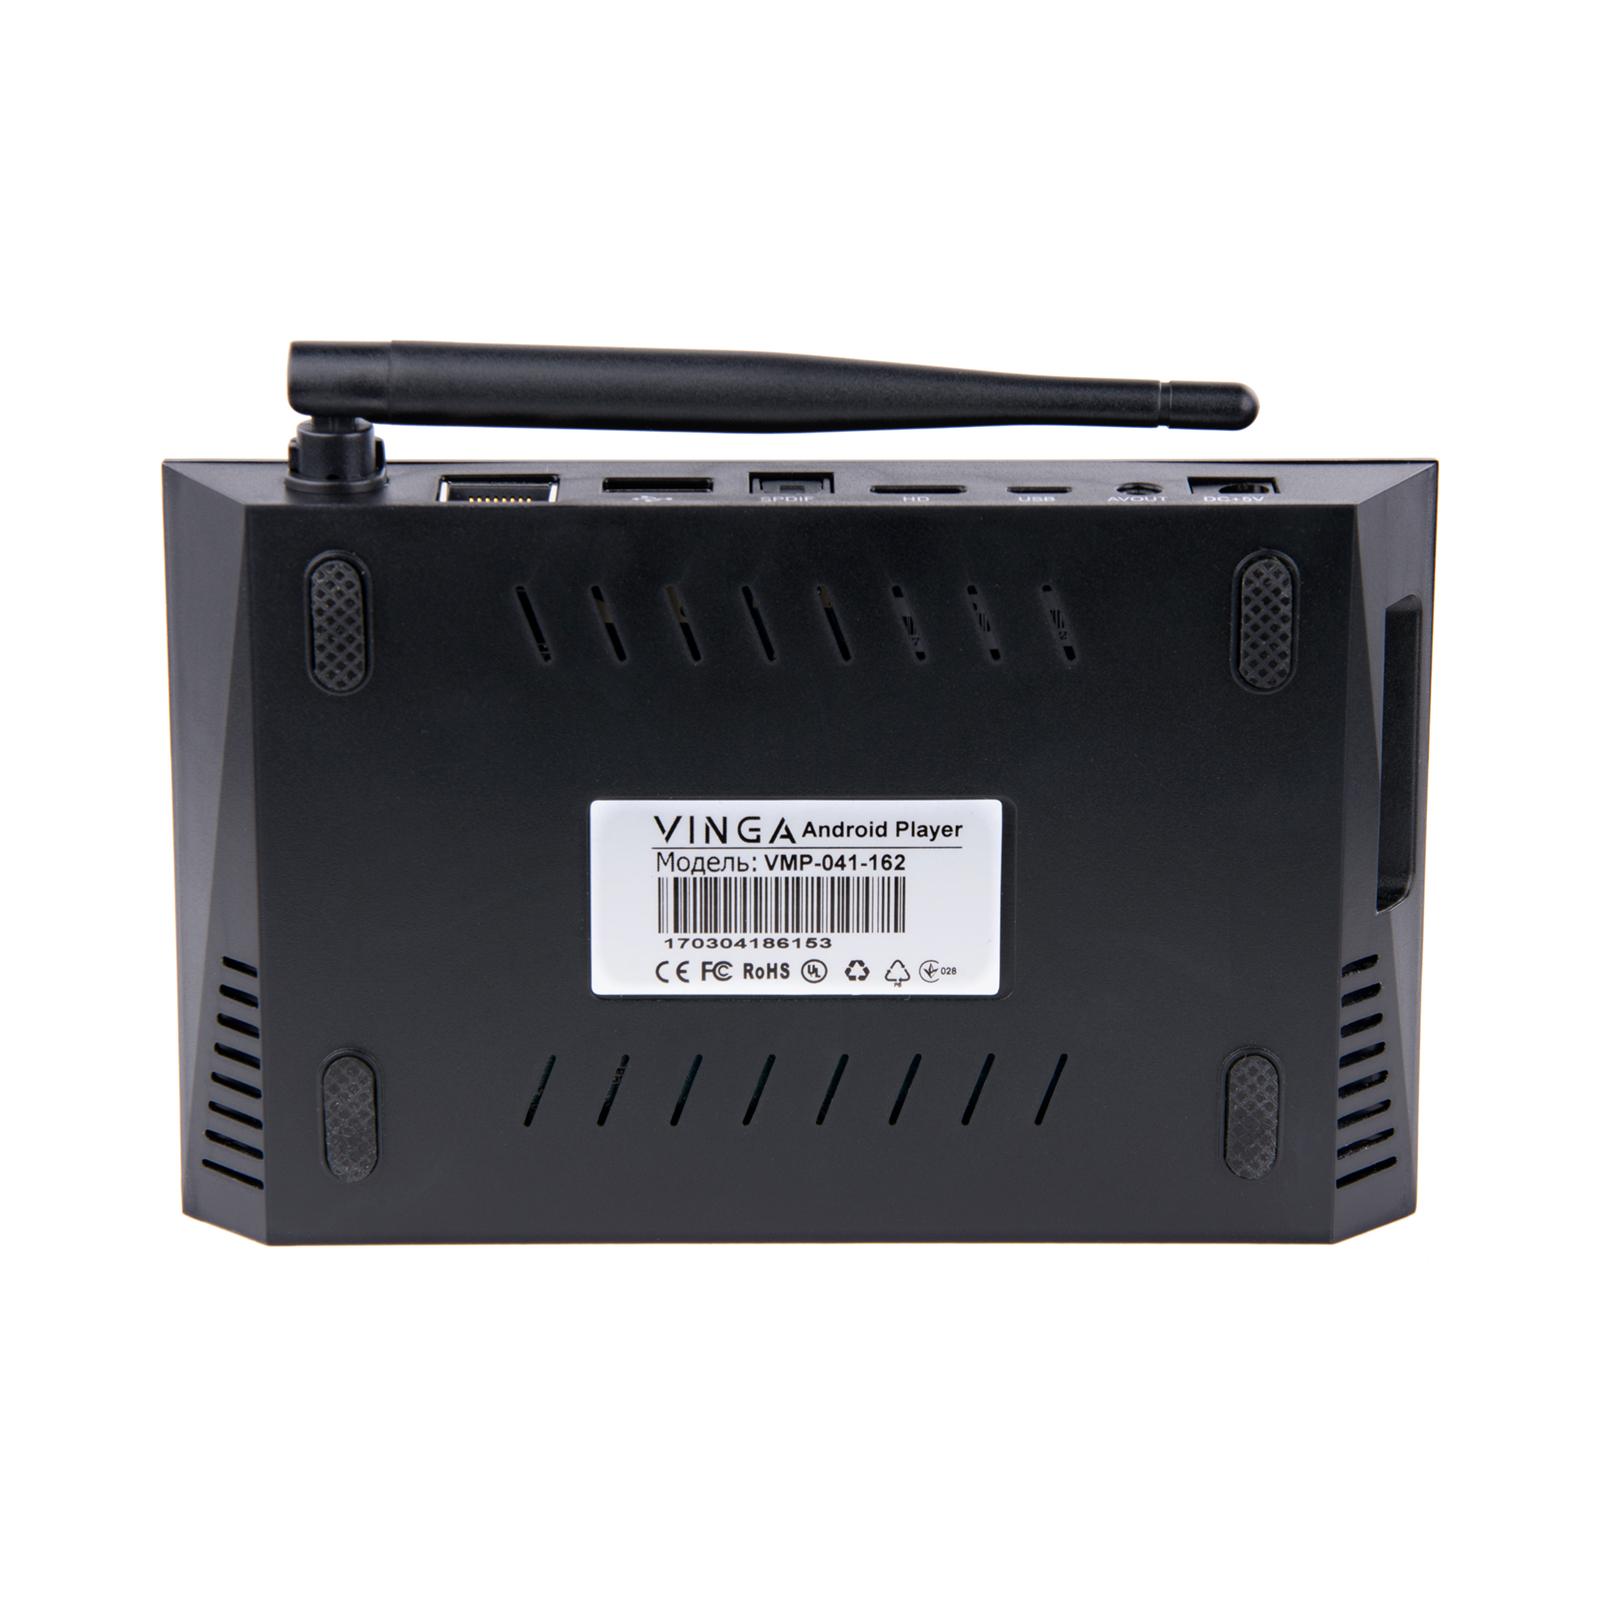 Медиаплеер Vinga 041 (VMP-041-162) изображение 8